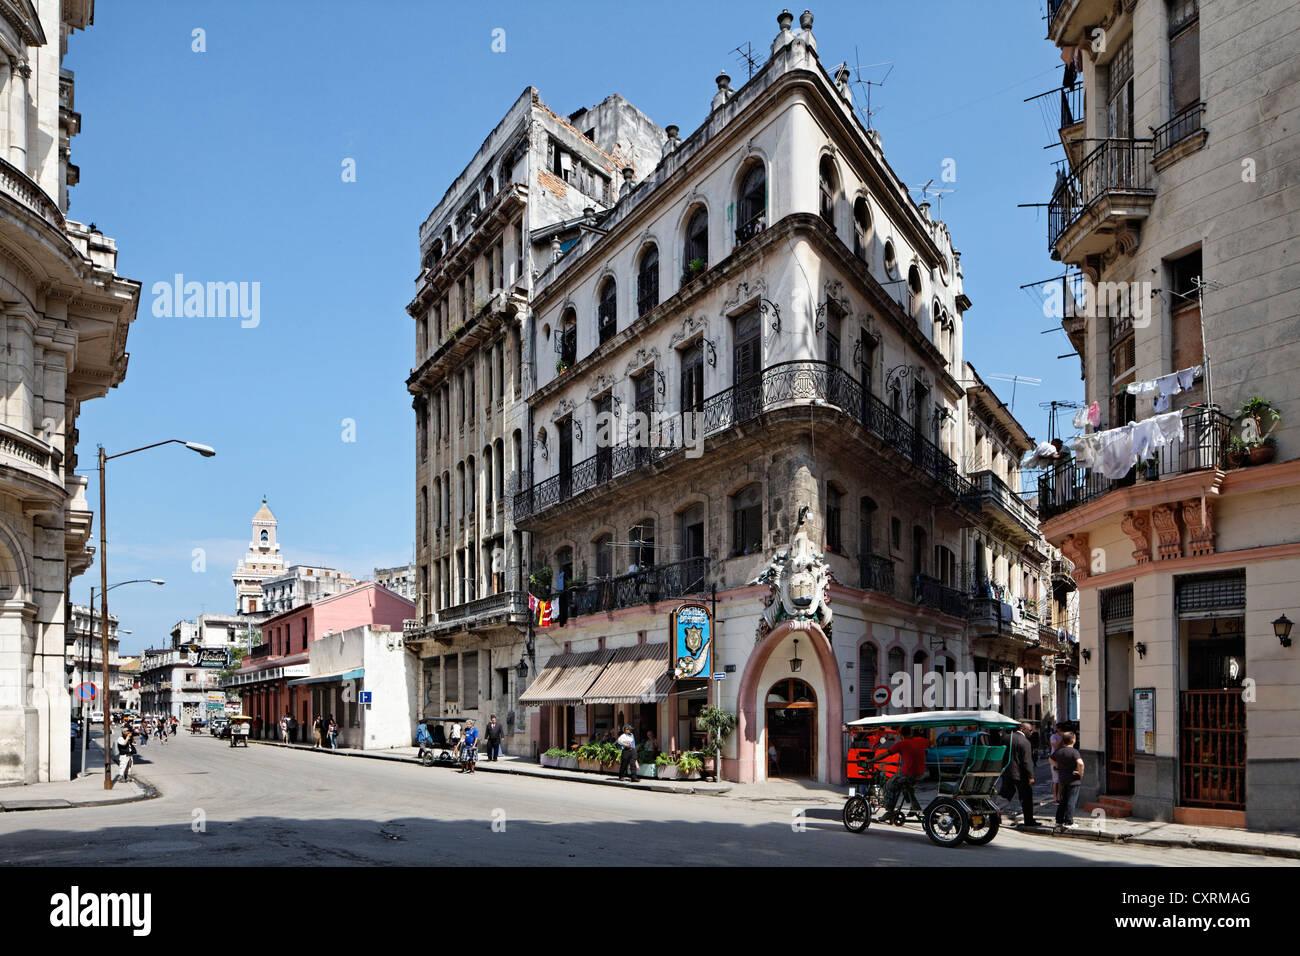 Typische Straße mit neoklassizistischen Gebäude aus dem Feudalismus Zeiten, Castillo de Farnes Restaurant, Stockbild